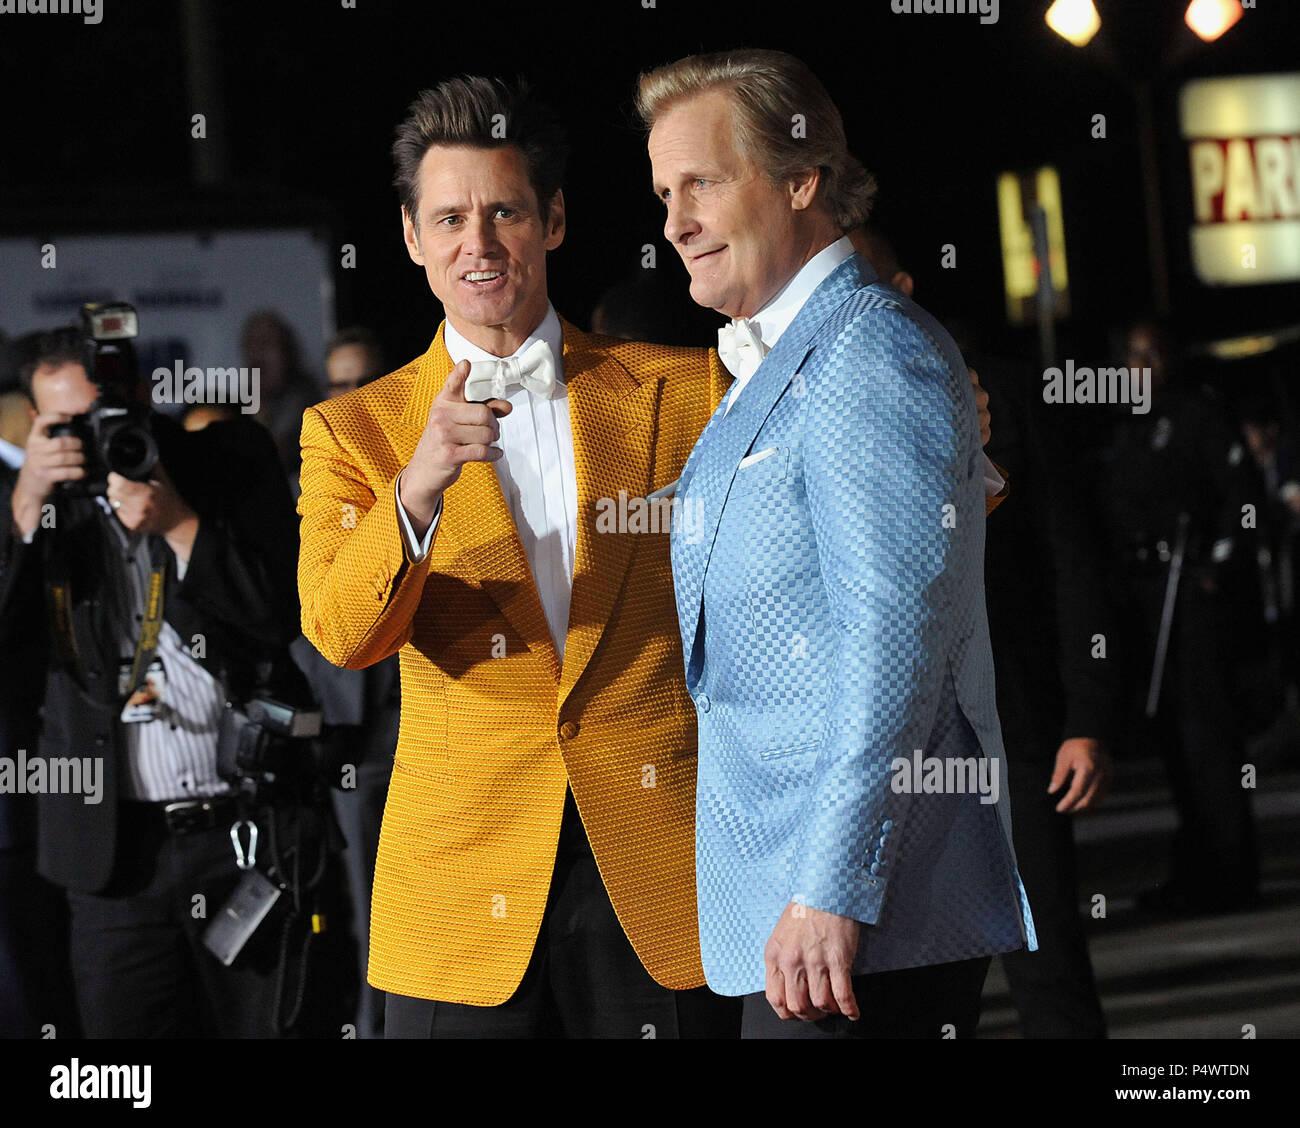 Jim Carrey, Jeff Daniels 119 at the Dumb and Dumber To